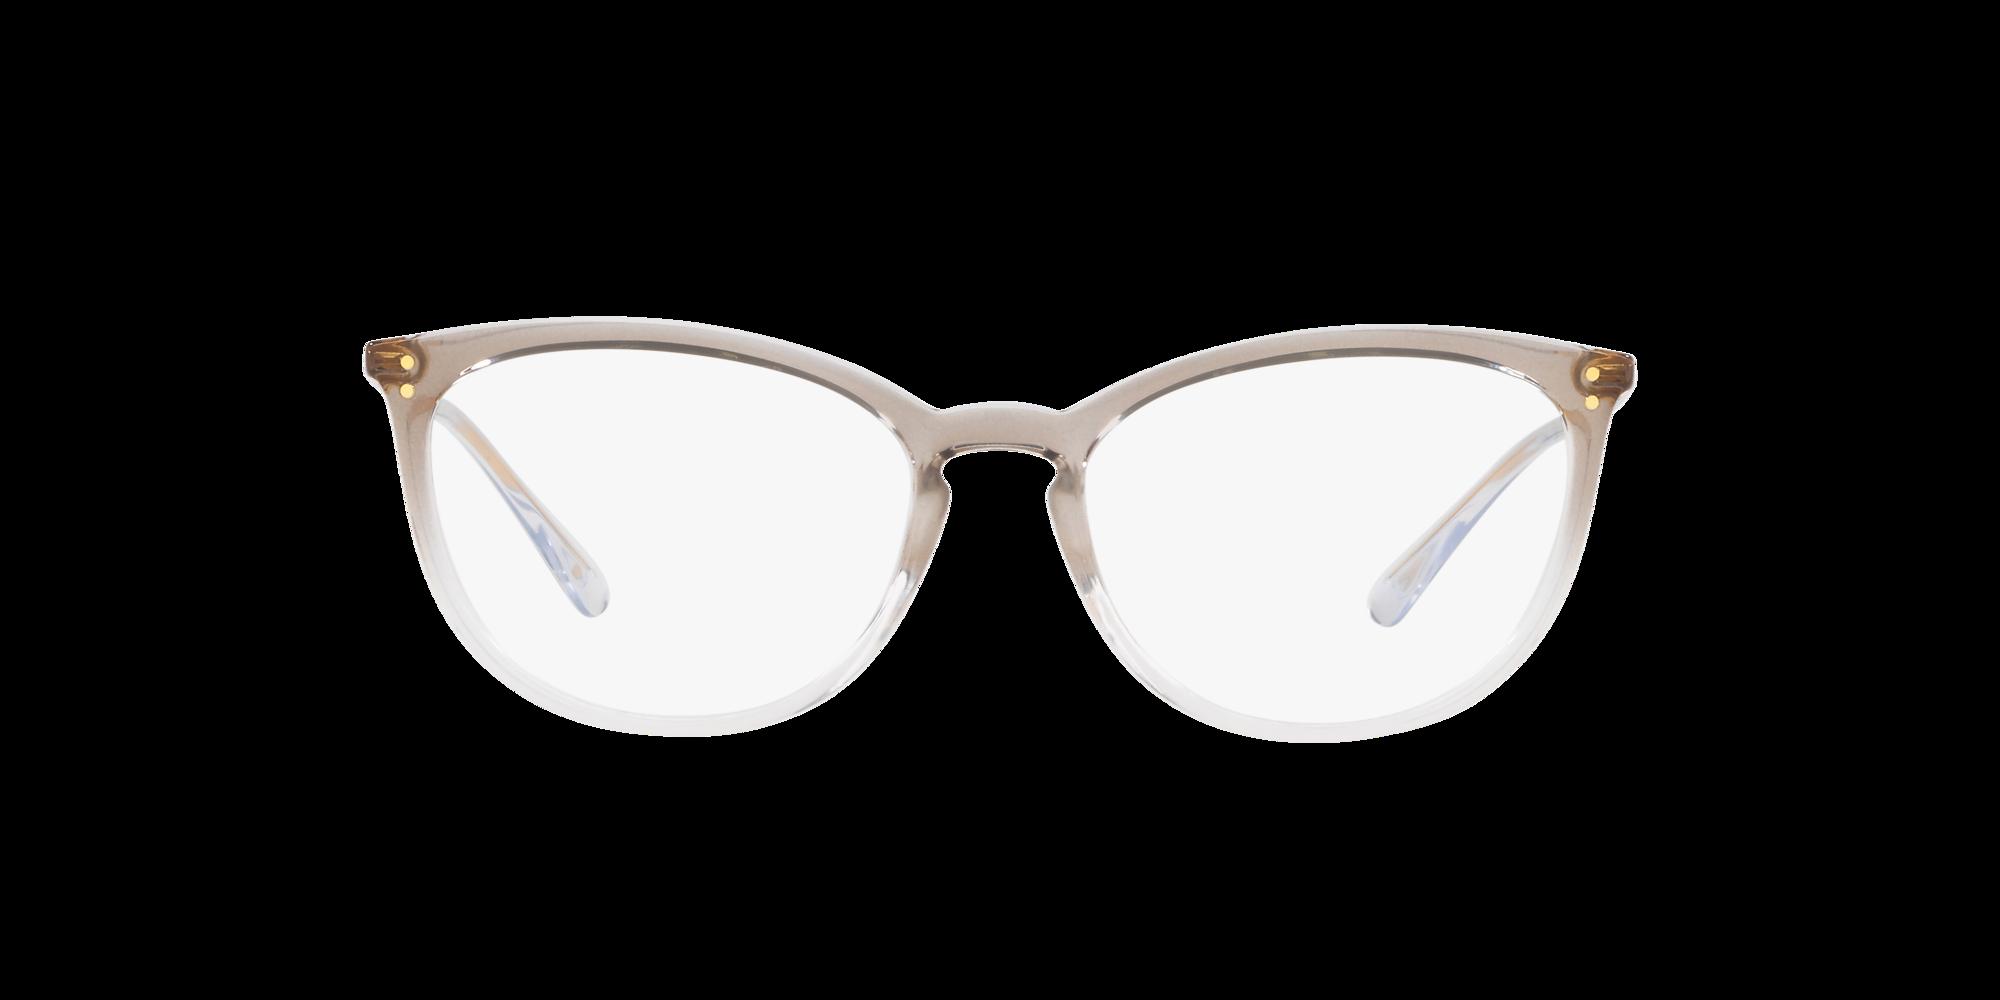 Imagen para VO5276 de LensCrafters |  Espejuelos, espejuelos graduados en línea, gafas